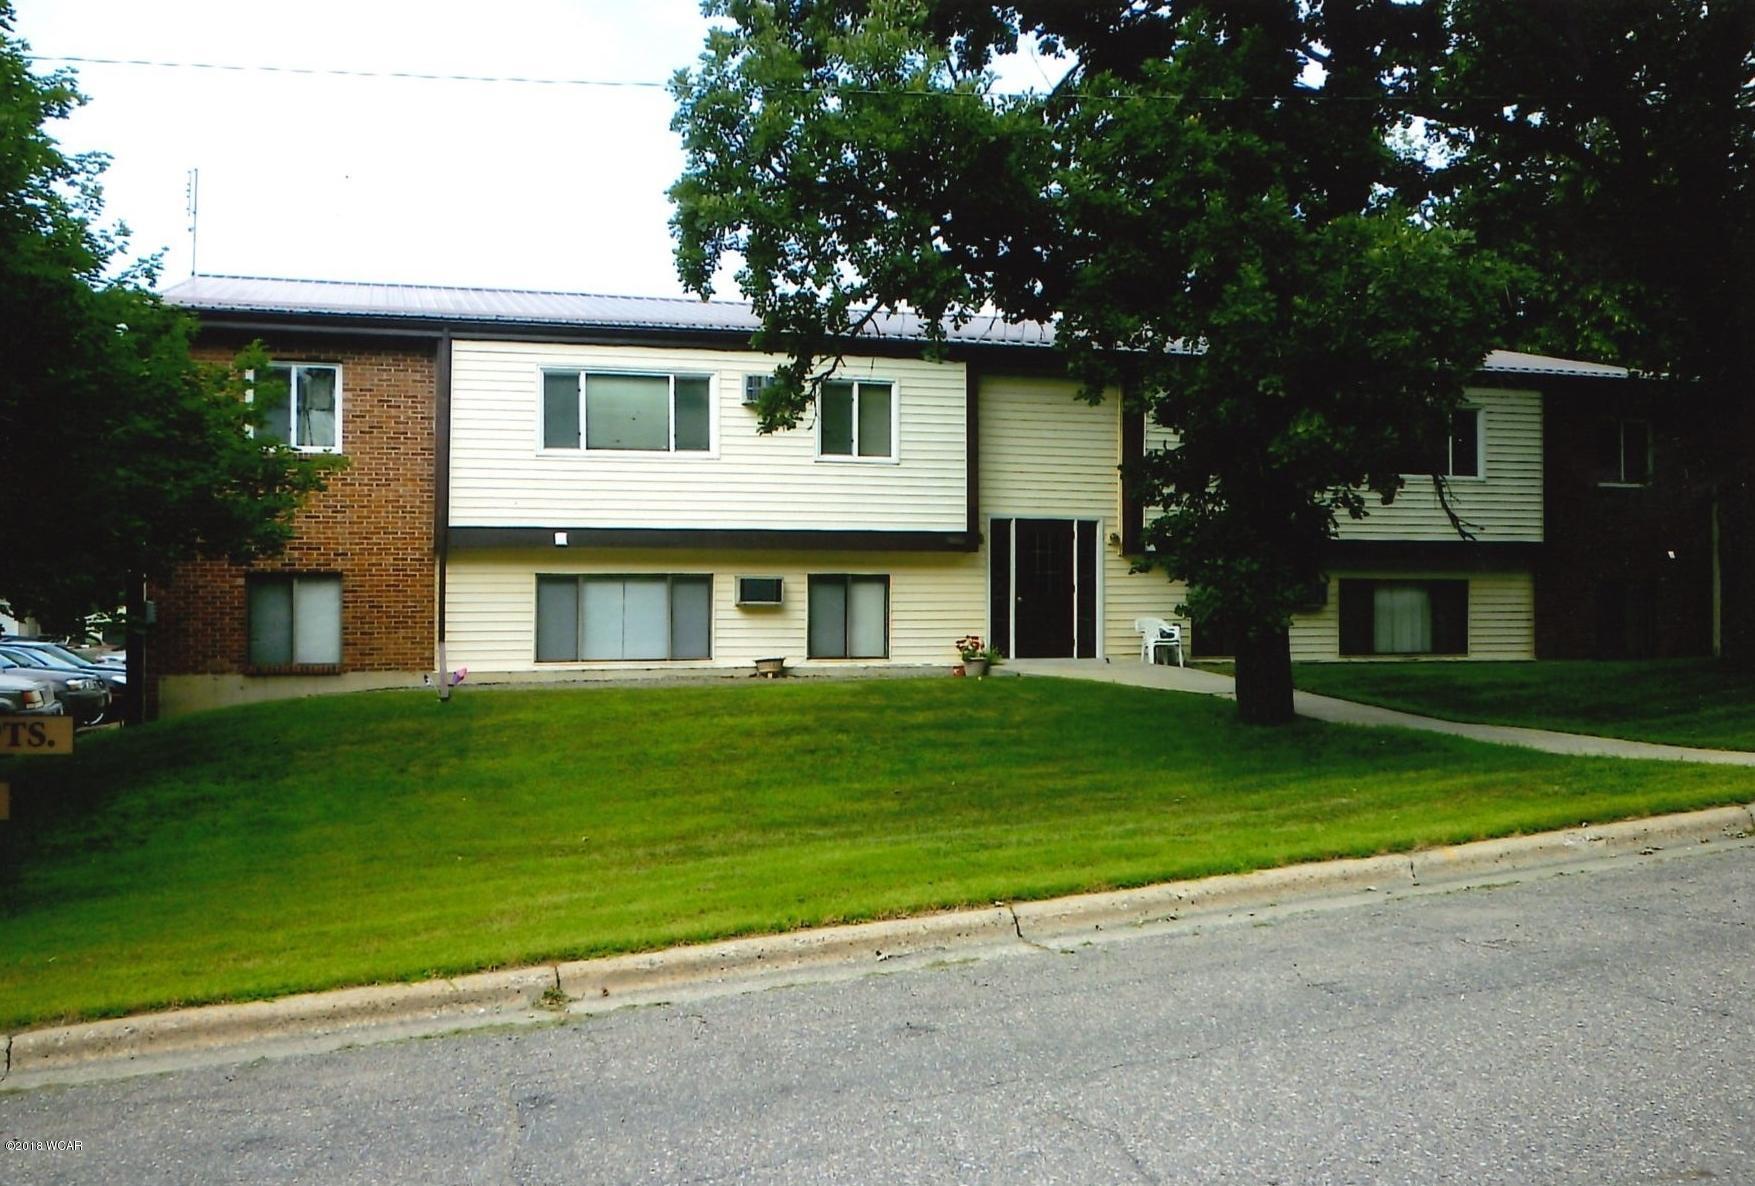 110-116 Baldwin Street,Granite Falls,30 Bedrooms Bedrooms,16 BathroomsBathrooms,MultiFamily,Baldwin Street,6031651